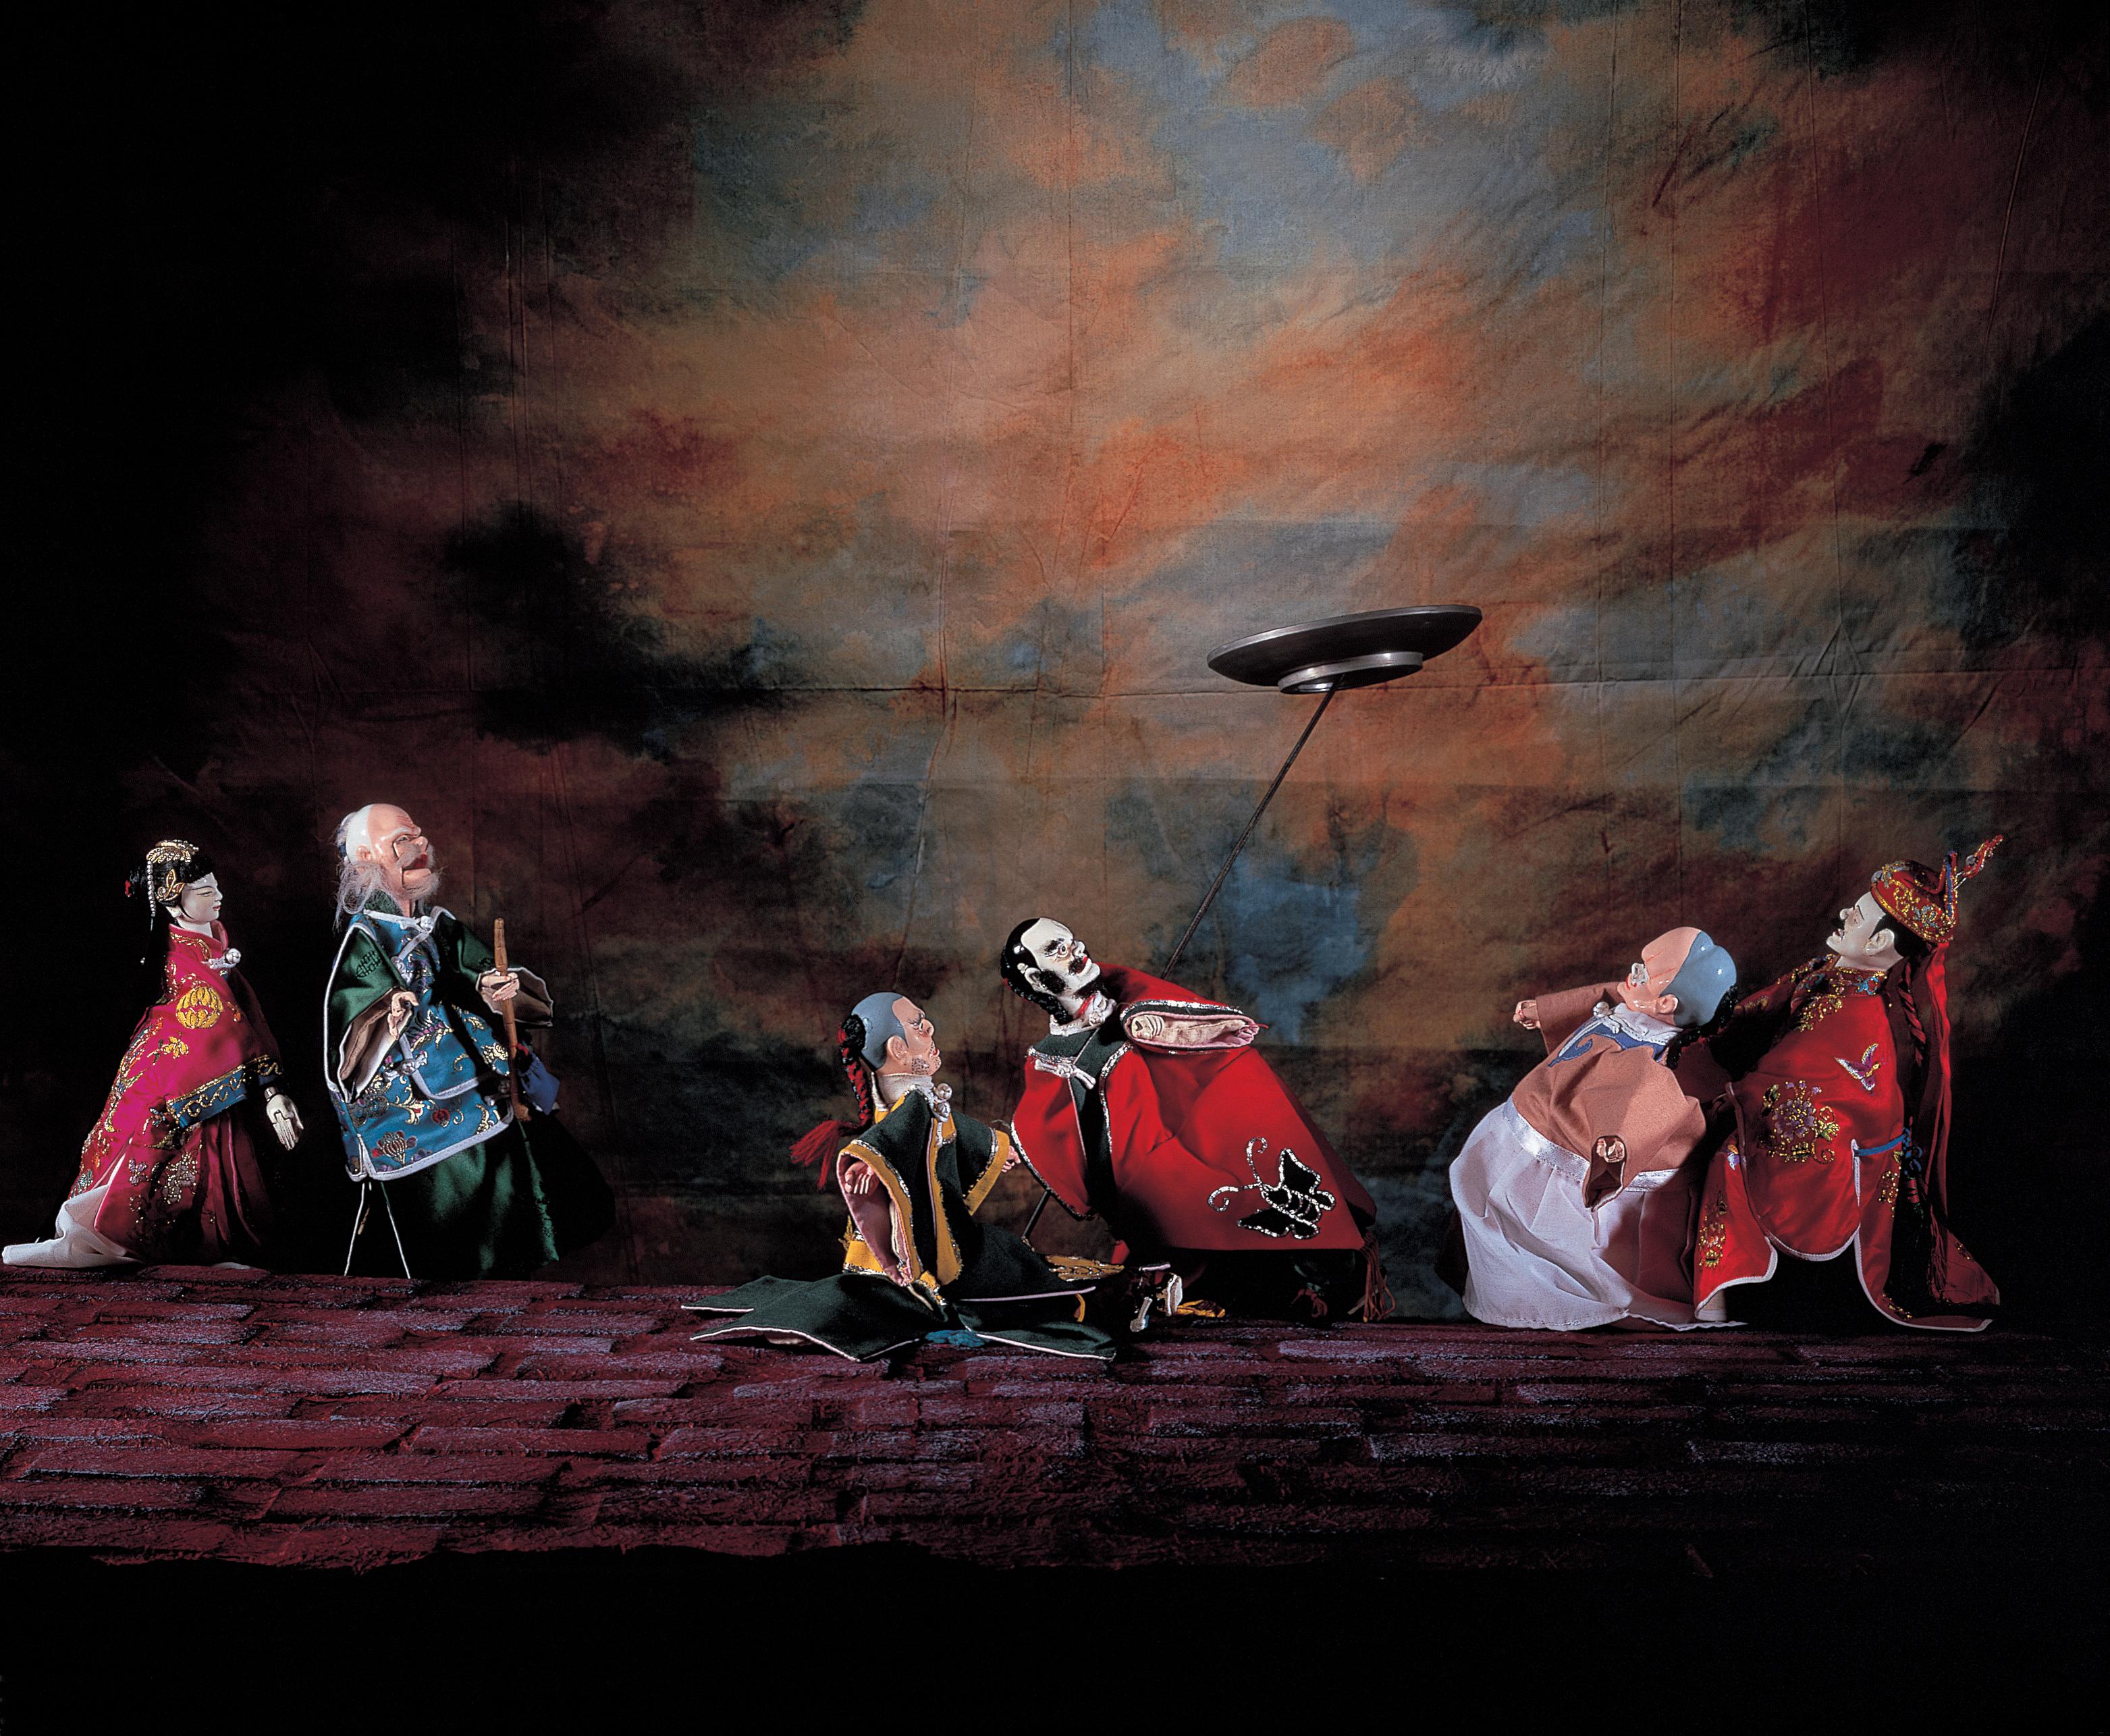 亦宛然掌中劇團 紐約、波士頓、底特律、安娜堡 4城巡迴演出